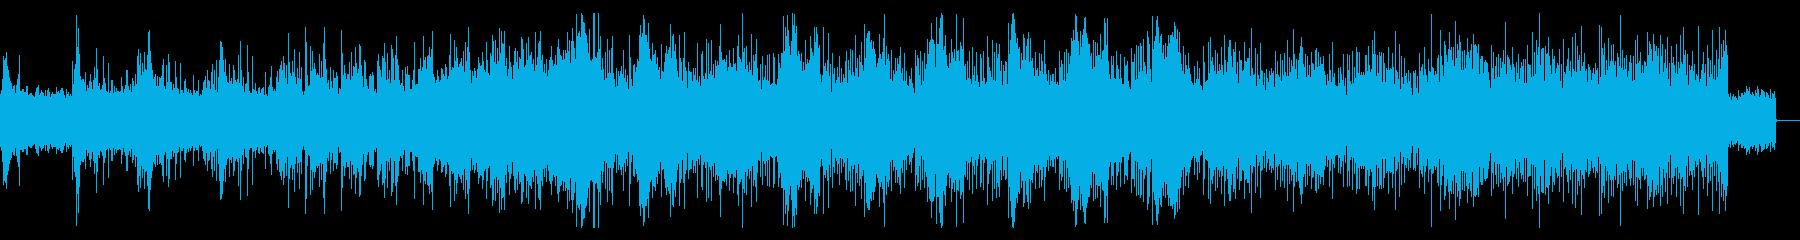 不思議な異次元のようなアンビエントの再生済みの波形